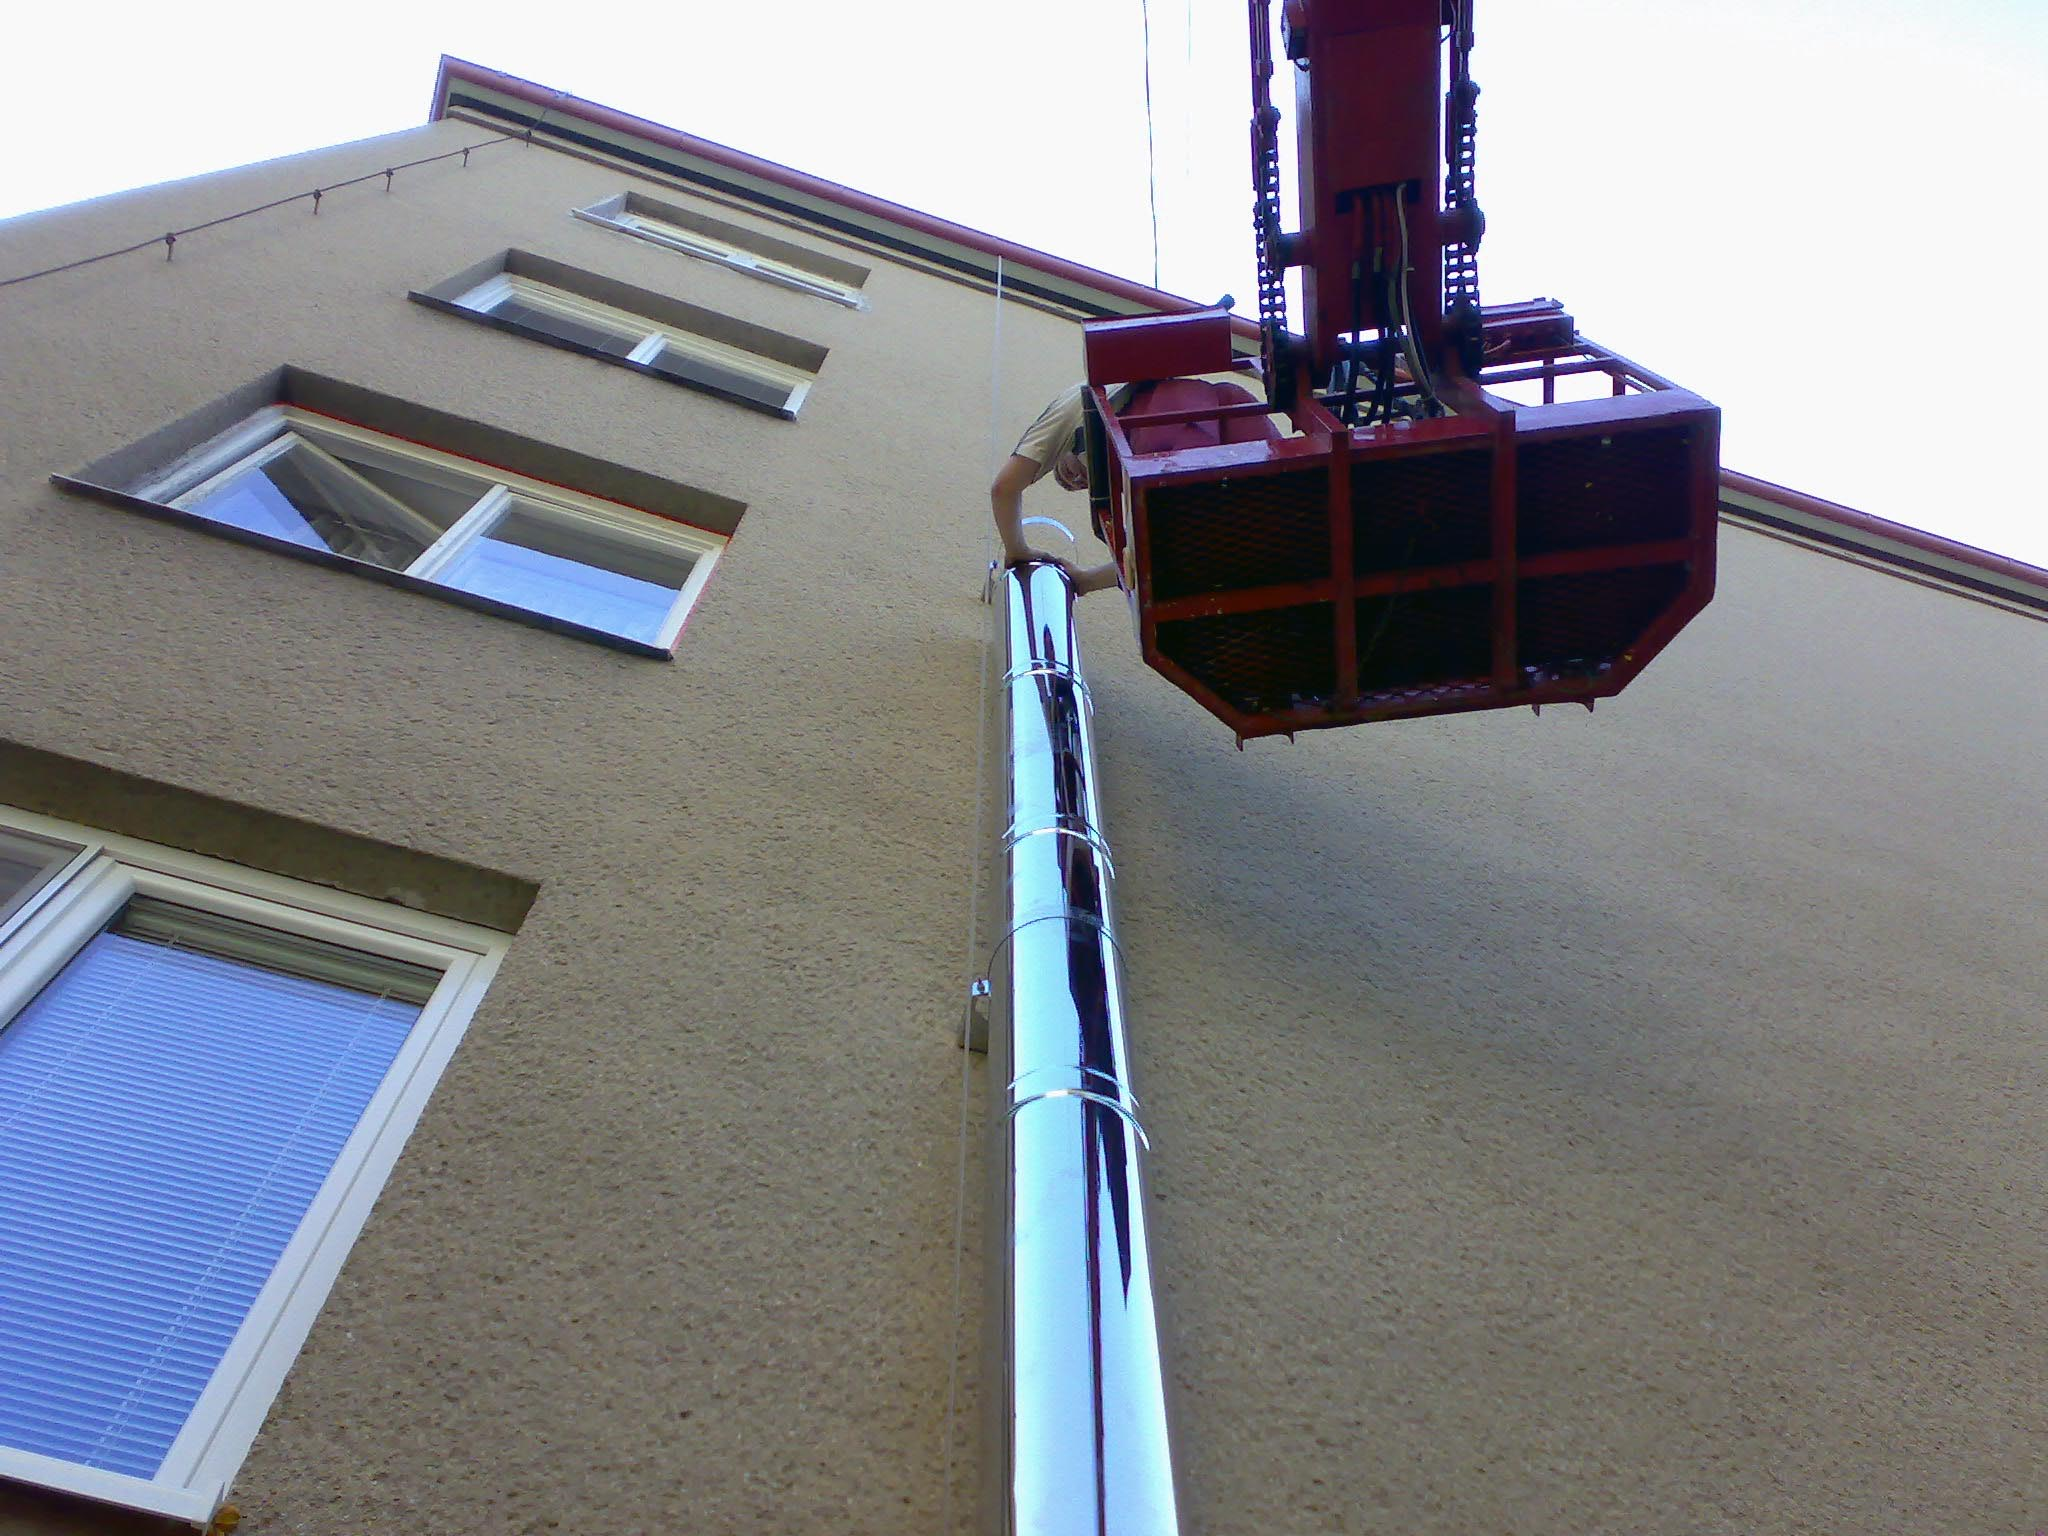 komin vedeny po fasade